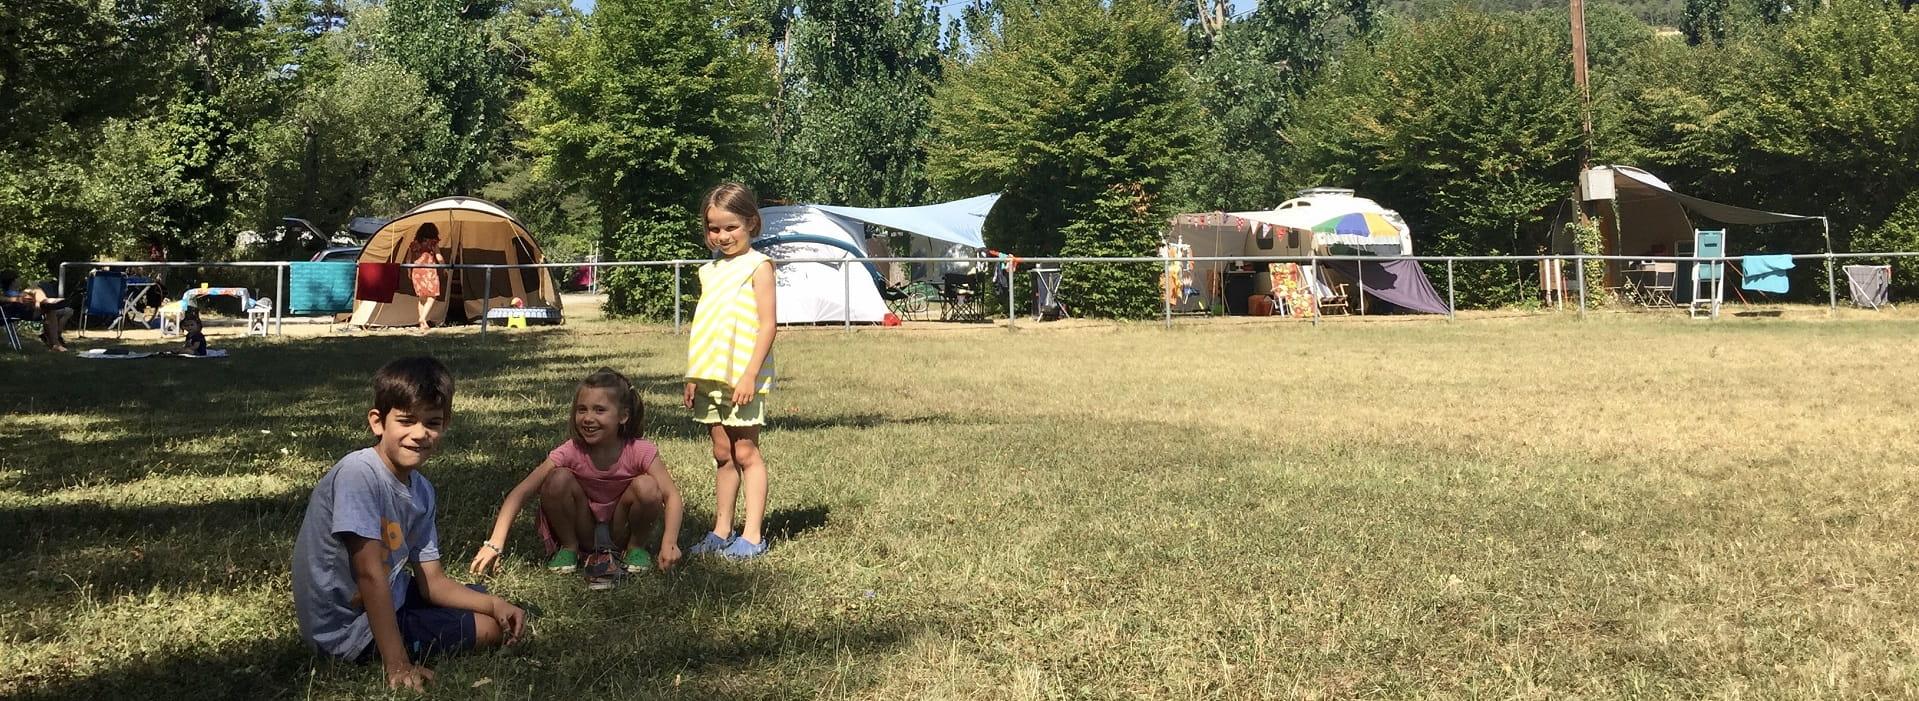 Camping Les Chapelains Drôme Slow Tourisme Nature Famille concernant Piscine Plein Ciel Valence